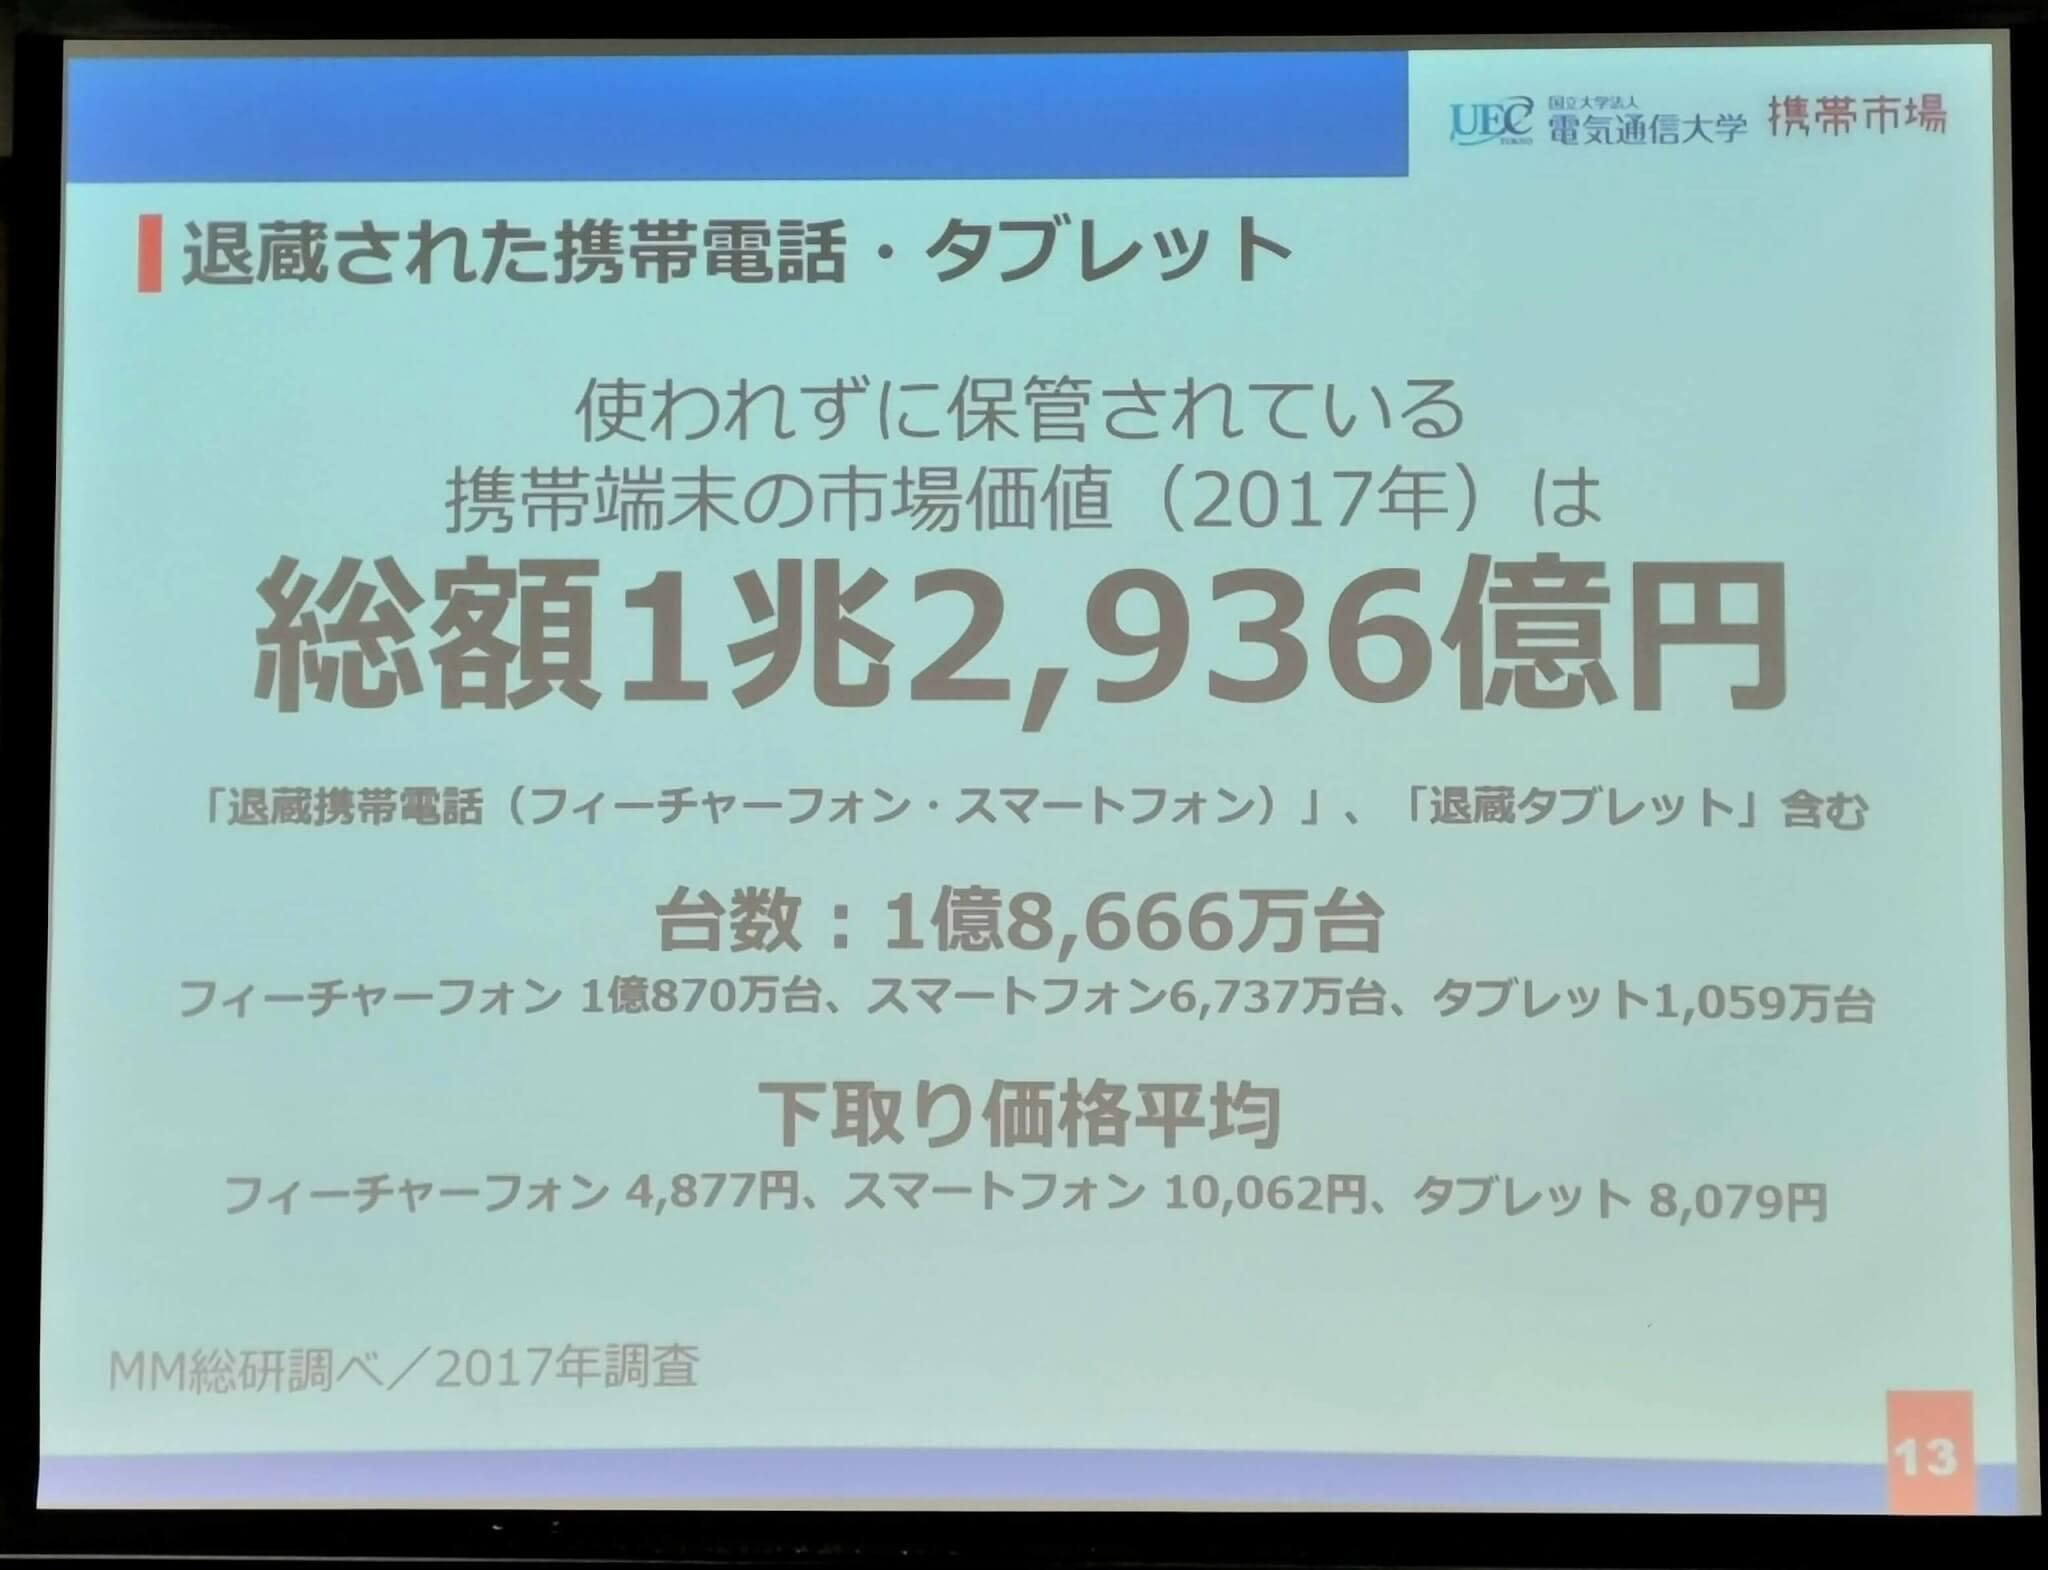 使われず(市場に出ず)眠っている携帯端末の市場価値は総額1兆2,936億円!